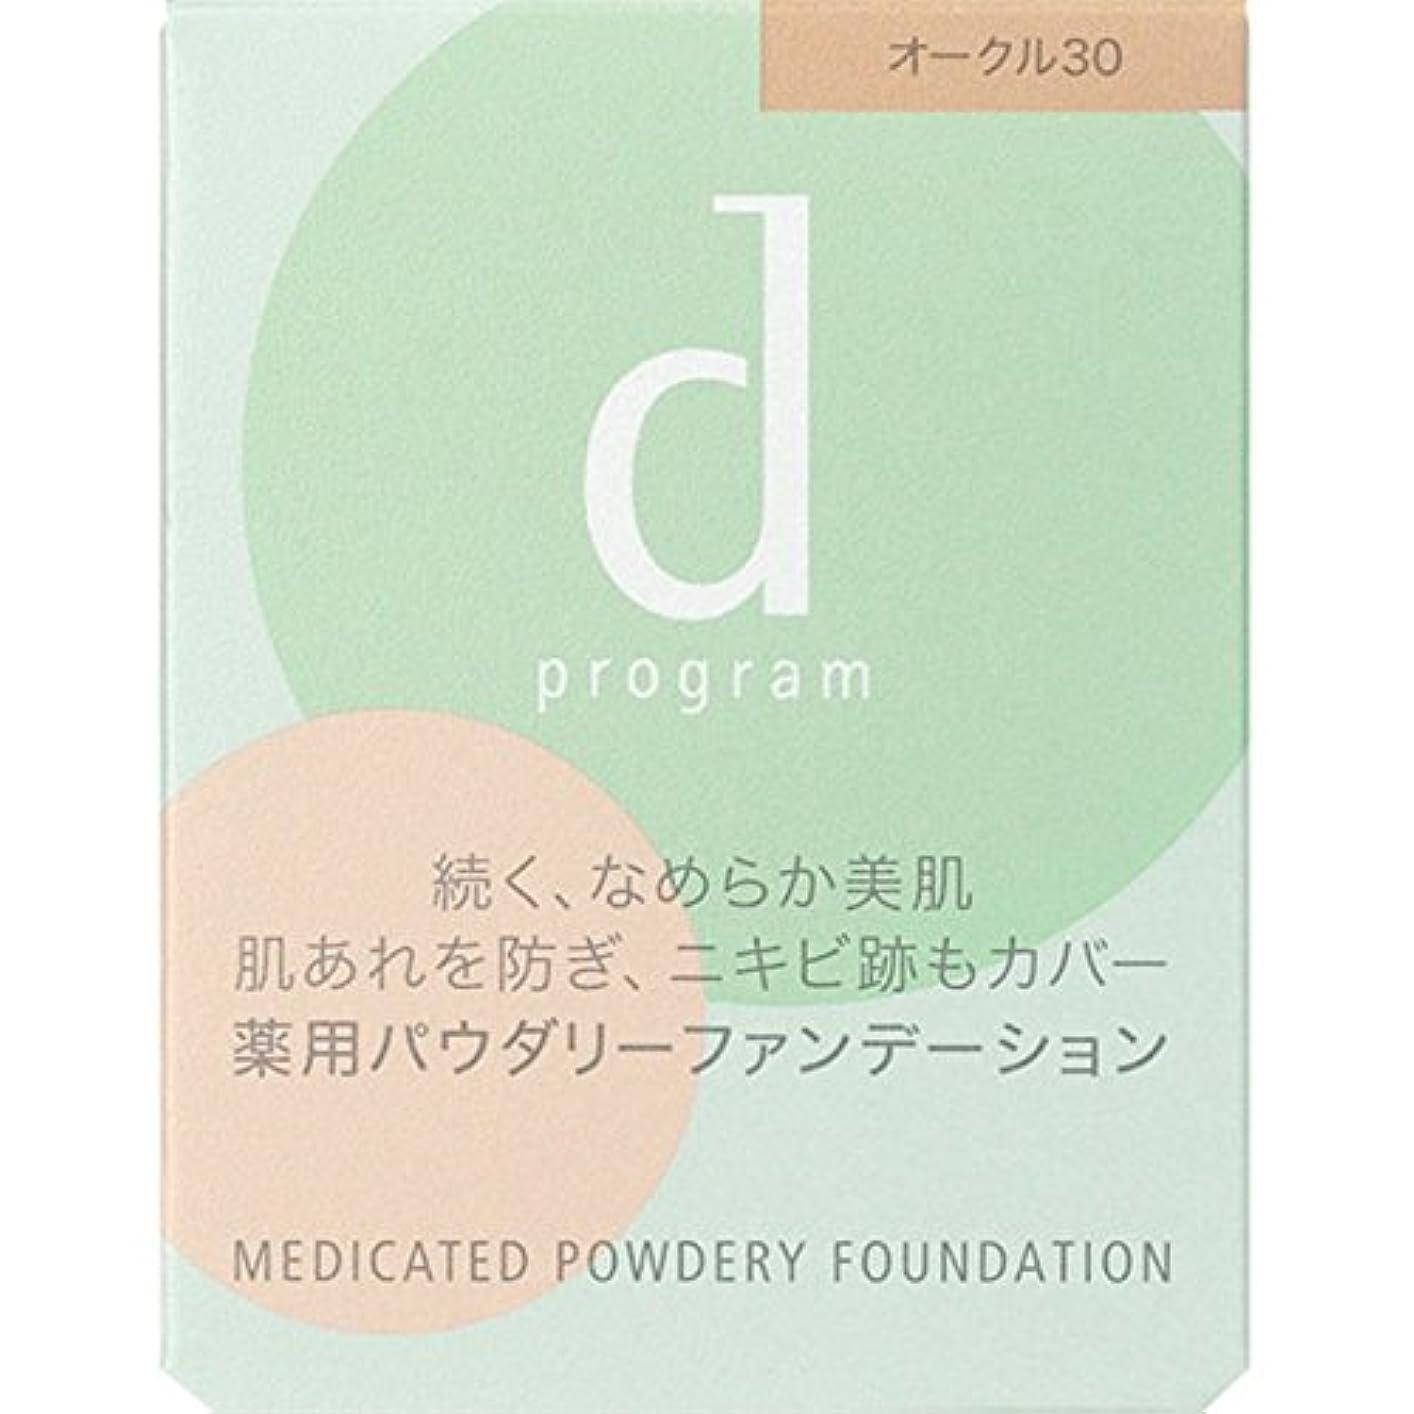 取得する正確さモザイク資生堂インターナショナル dプログラム メディケイテッド パウダリーファンデーション OC30 (医薬部外品)